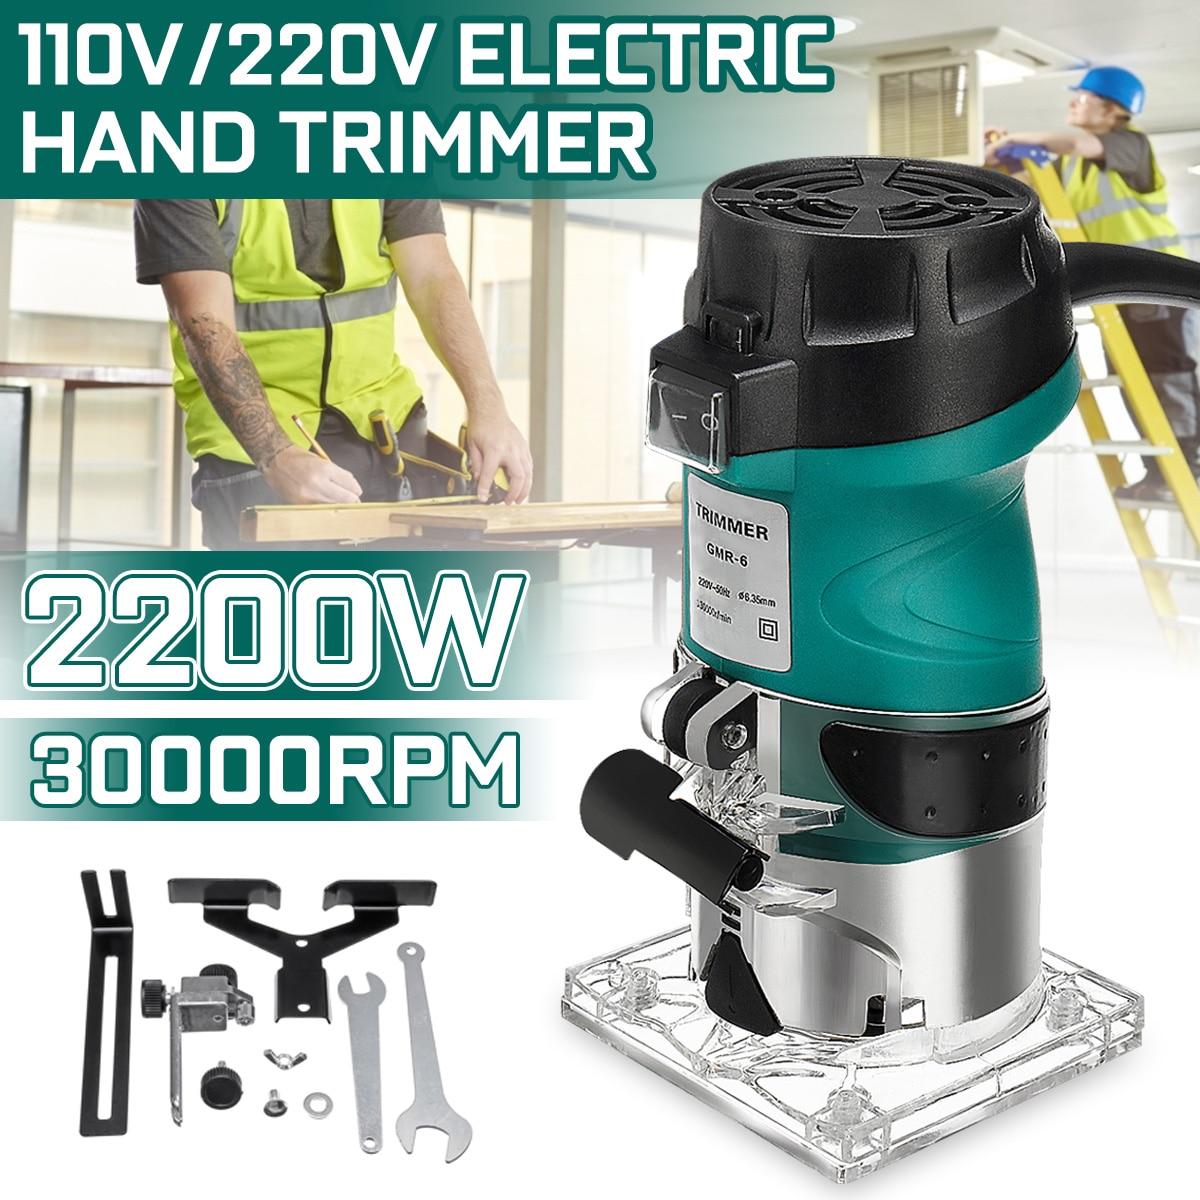 220В 2200 Вт деревообрабатывающий электрический триммер для фрезерования древесины гравировальный долбежный станок для обрезки ручная машин...